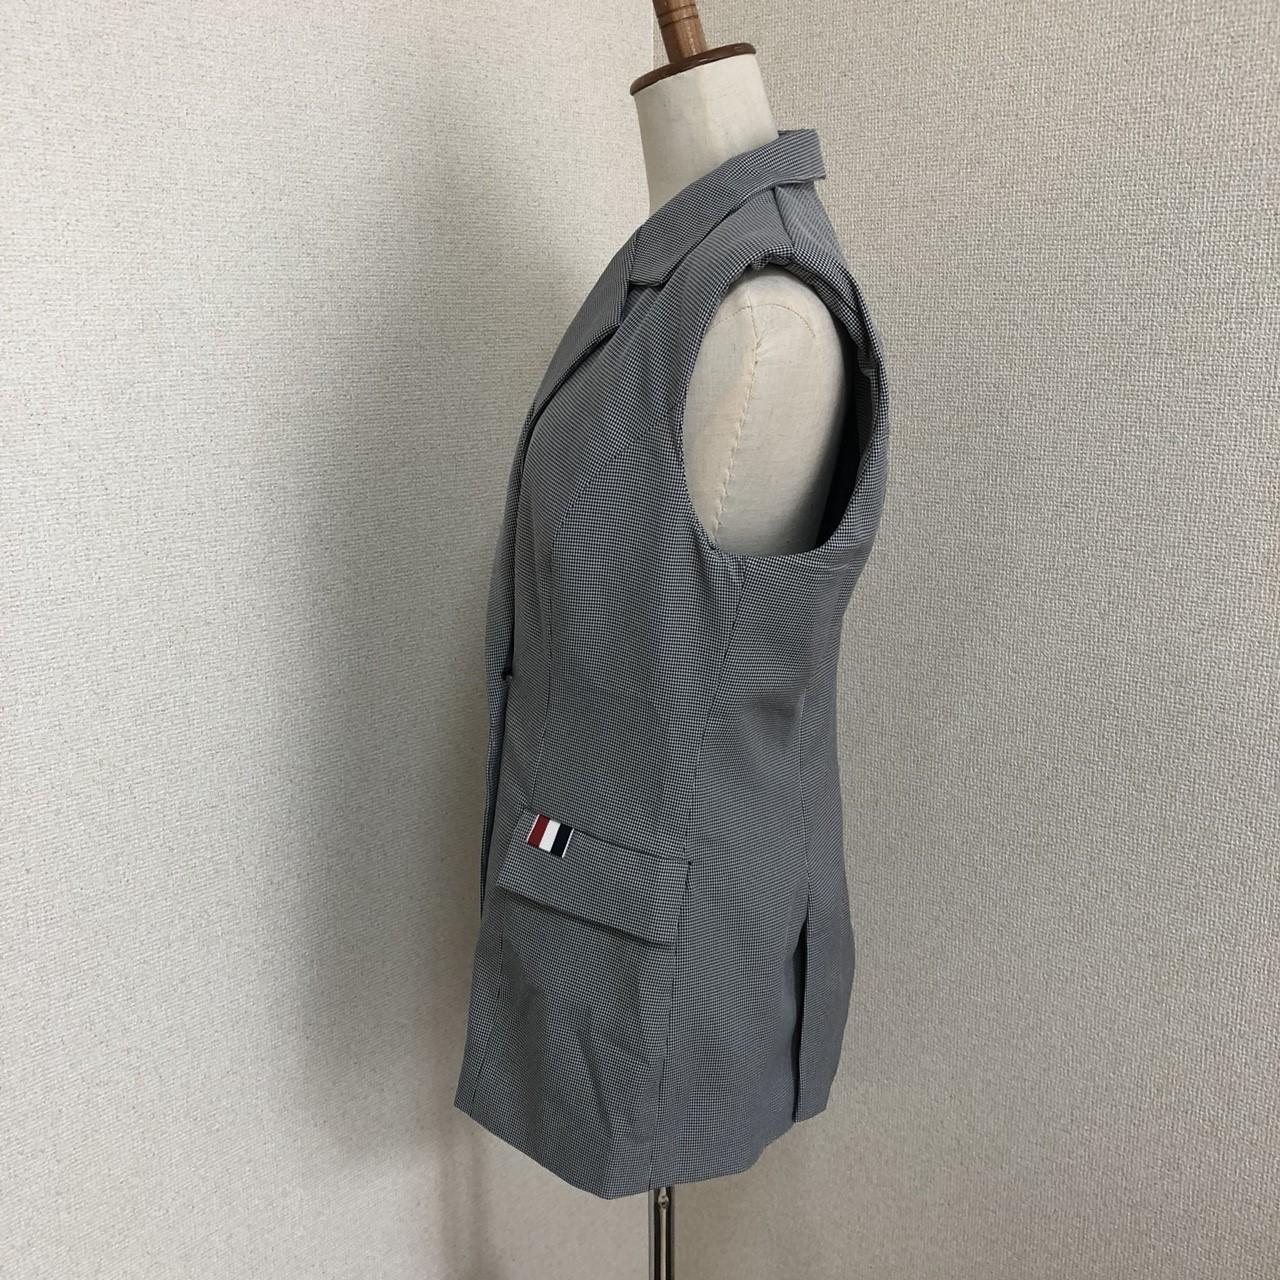 【即納】韓国 ファッション パンツ セットアップ パーティードレス 結婚式 お呼ばれドレス 春 夏 パーティー ブライダル SPTX9206  ノースリーブジャケット テーパ 二次会 セレブ きれいめの写真16枚目